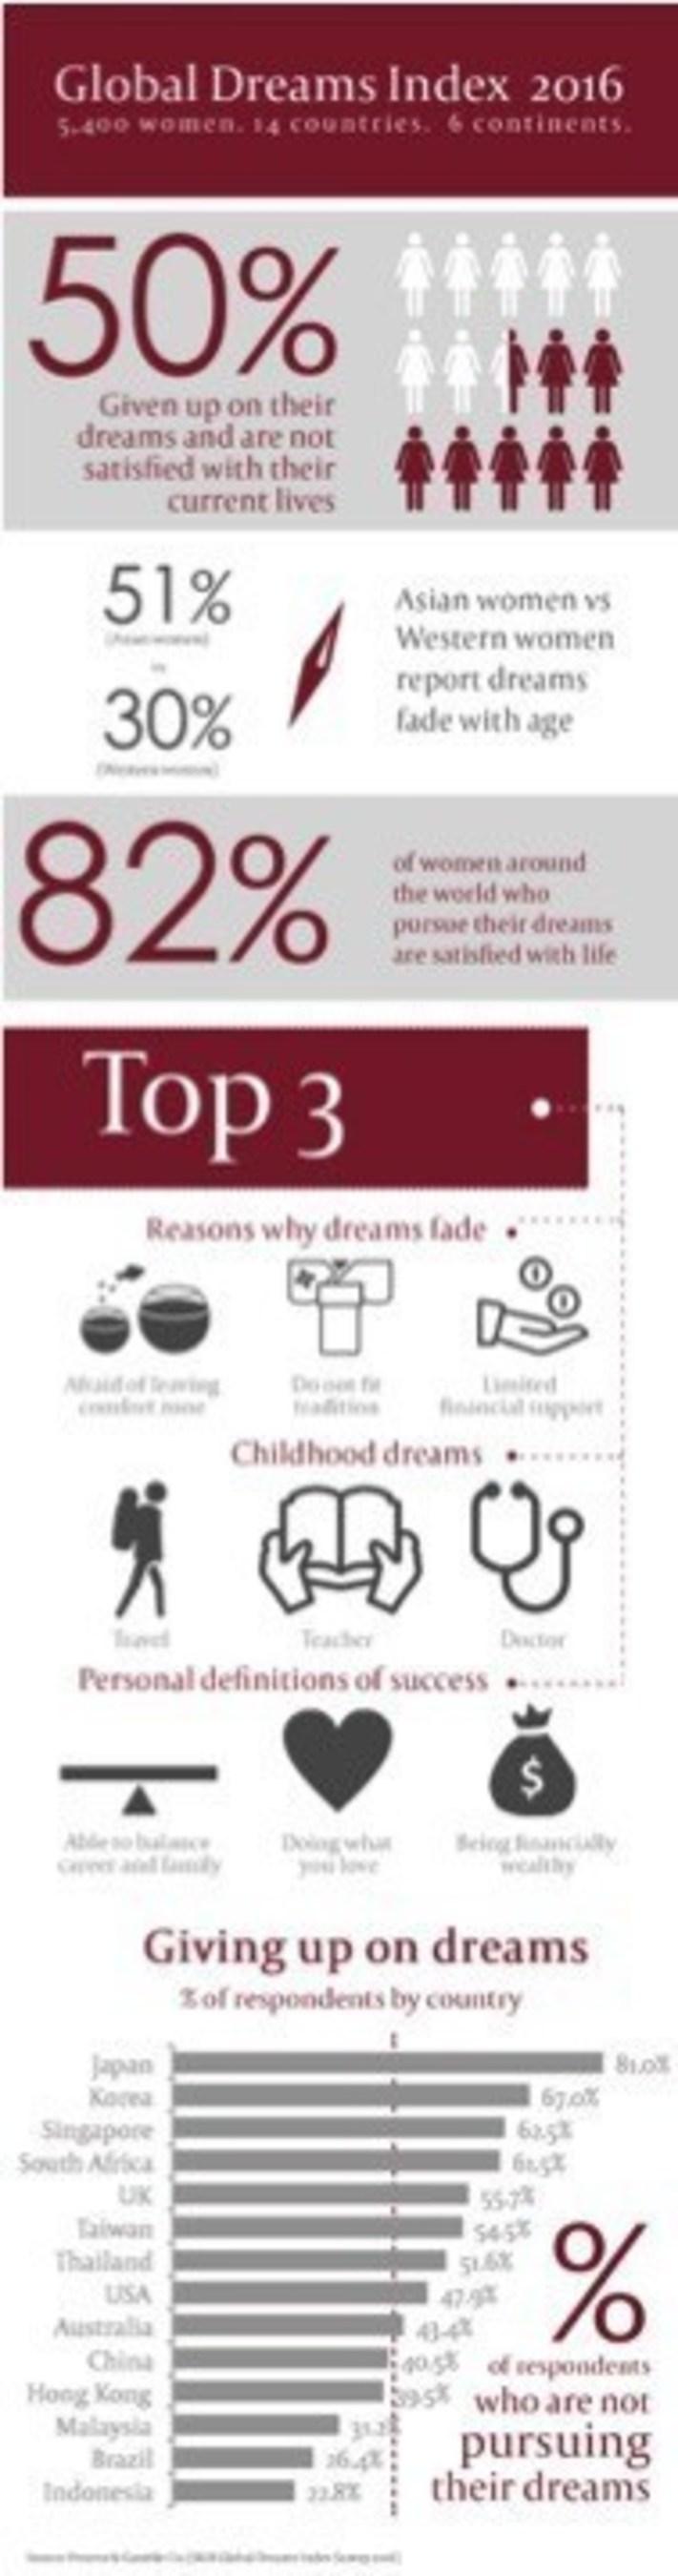 SK-II Global Dreams Index